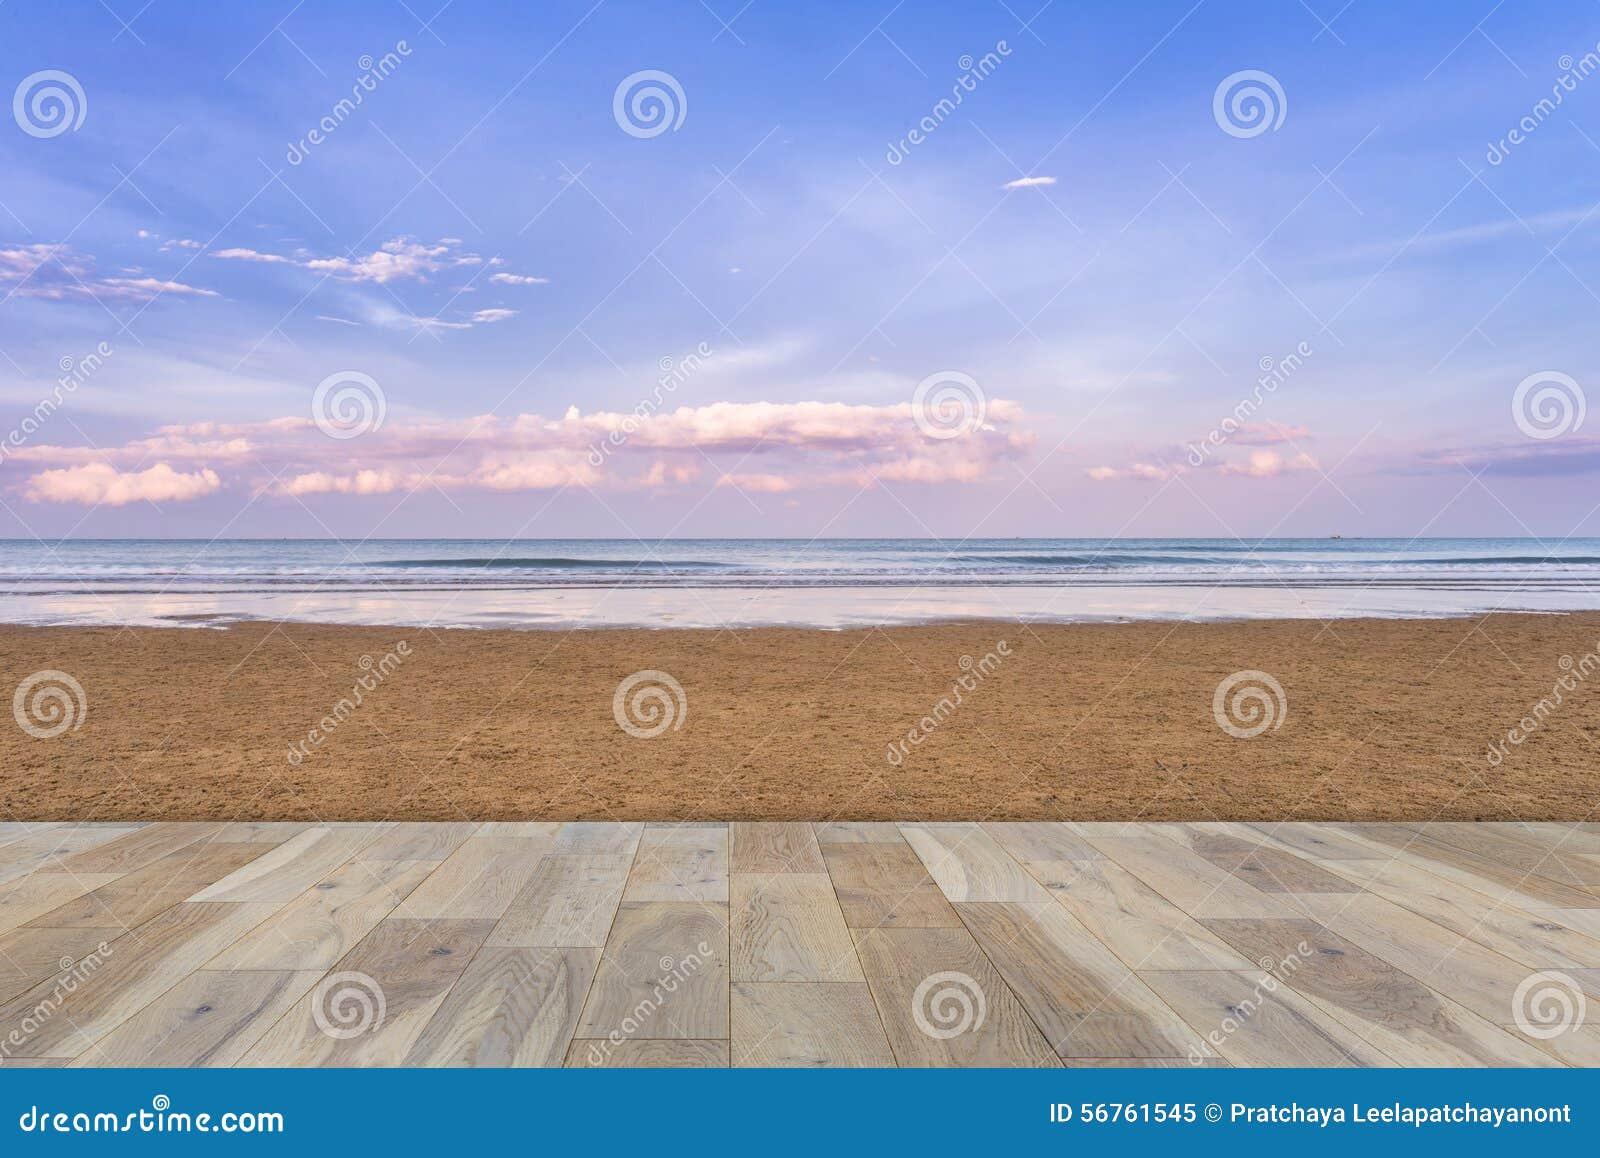 Terraza De Madera En La Playa Imagen De Archivo Imagen De